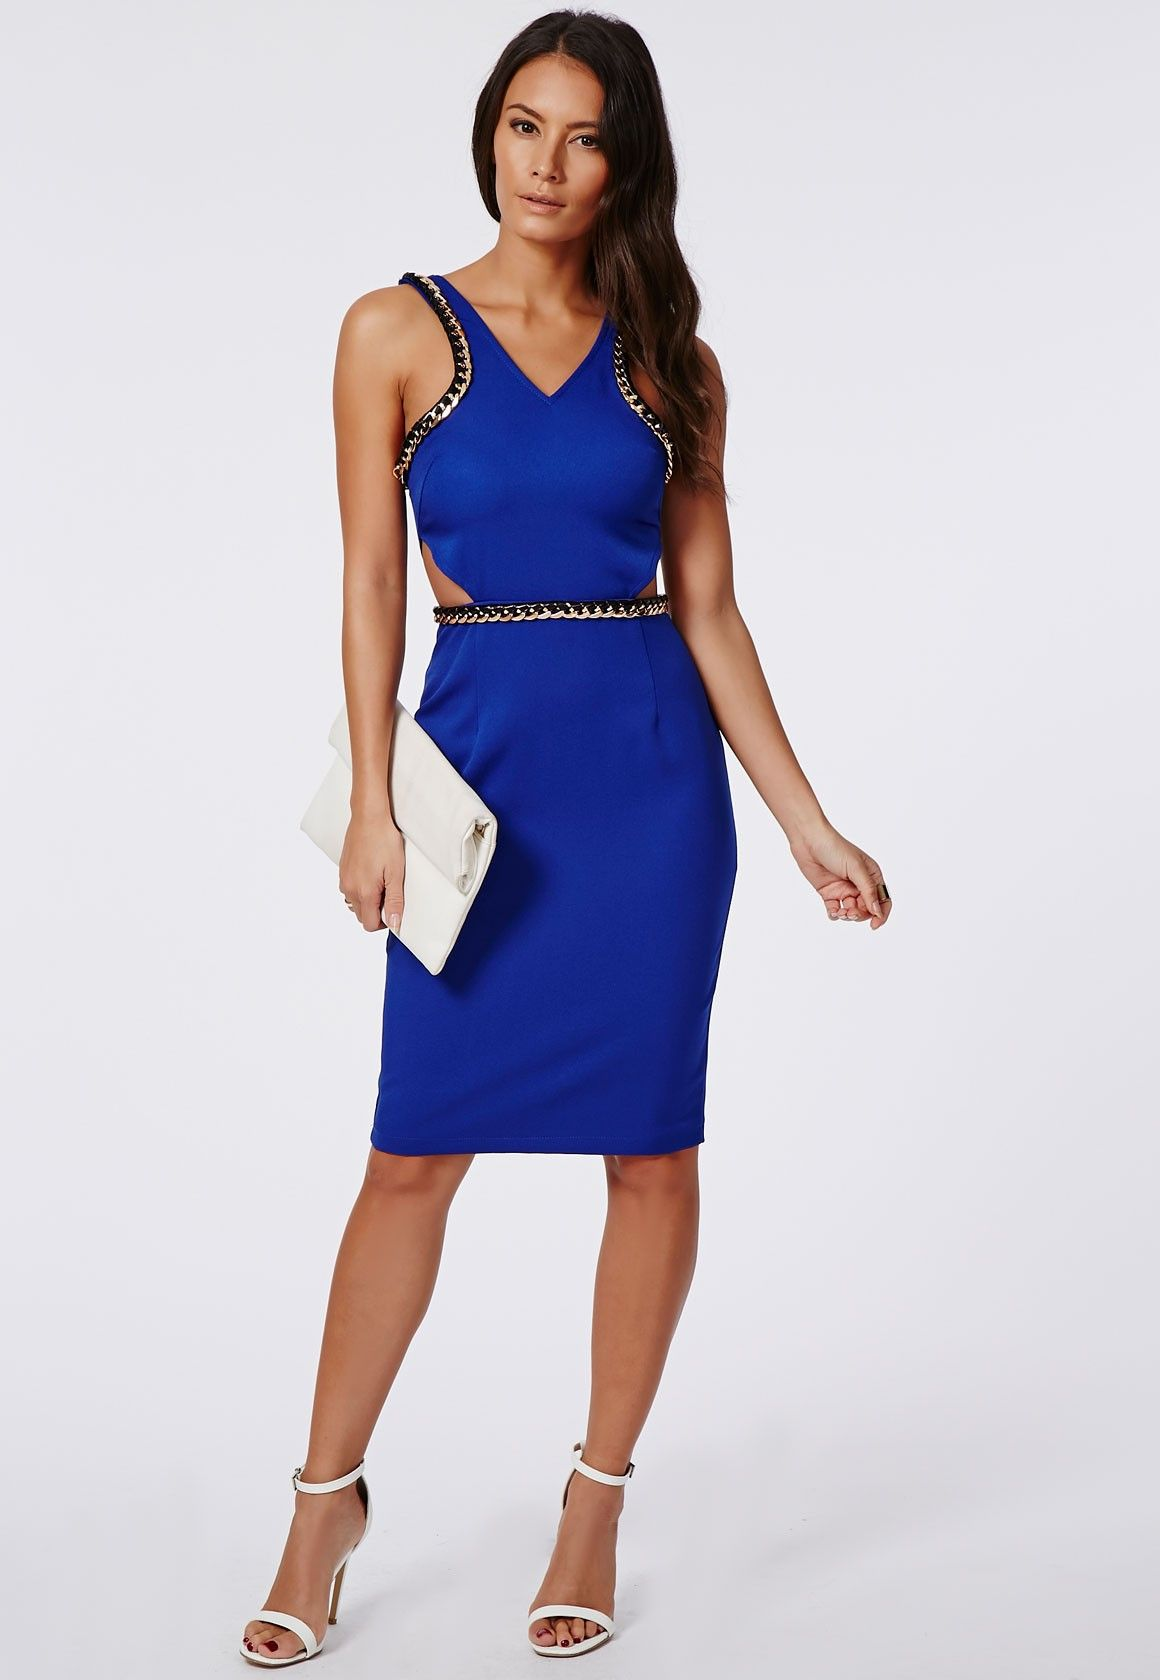 Fullsize Of Cobalt Blue Dress